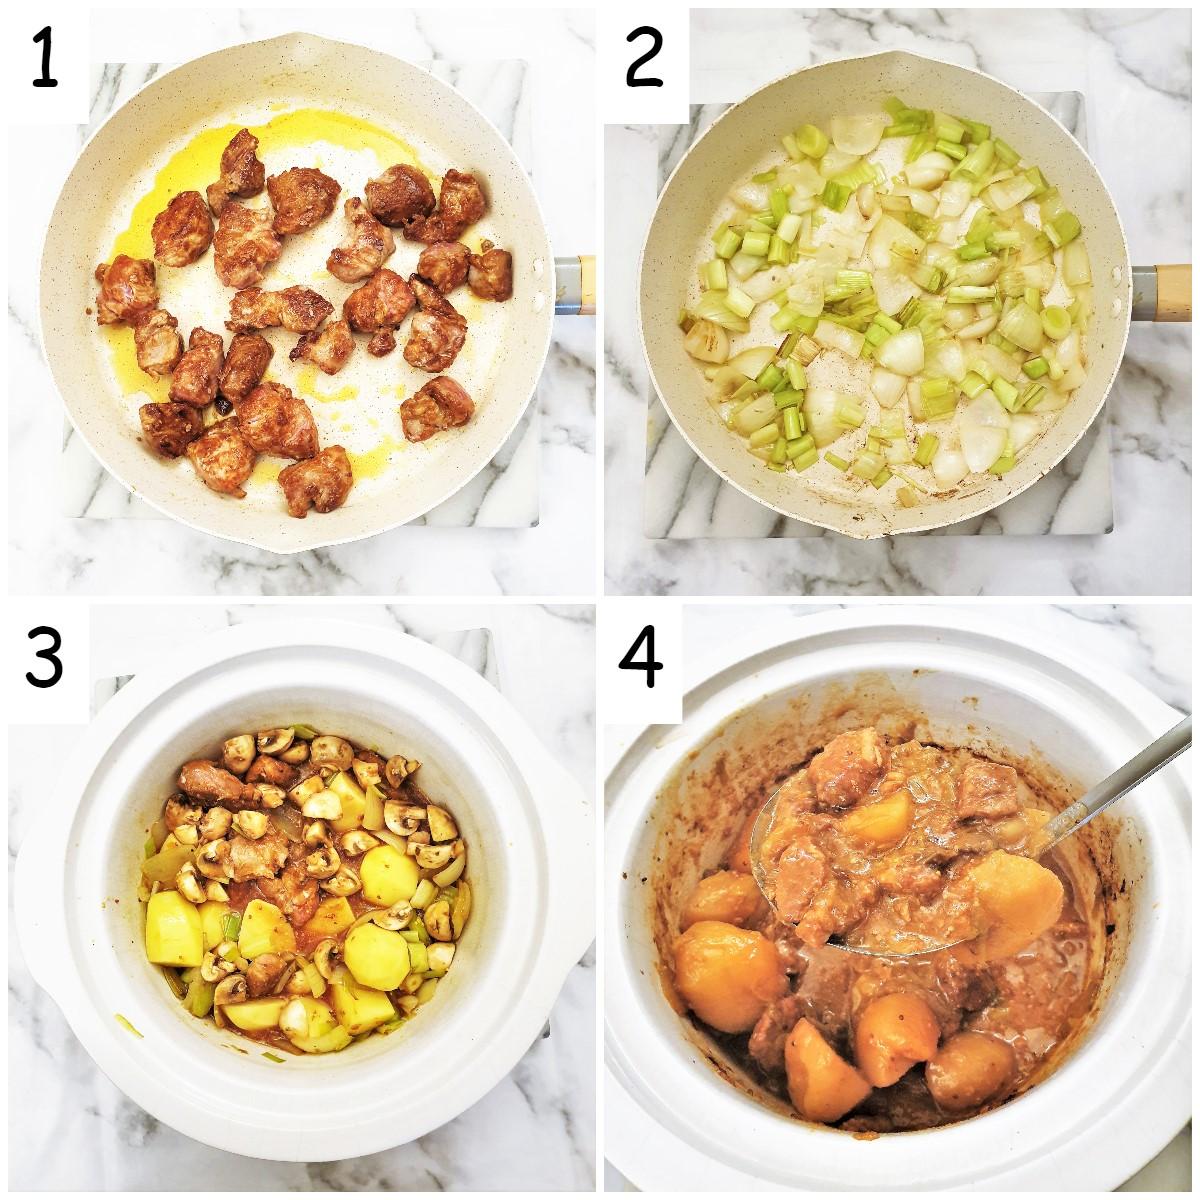 Steps for making slow-cooker pork casserole.